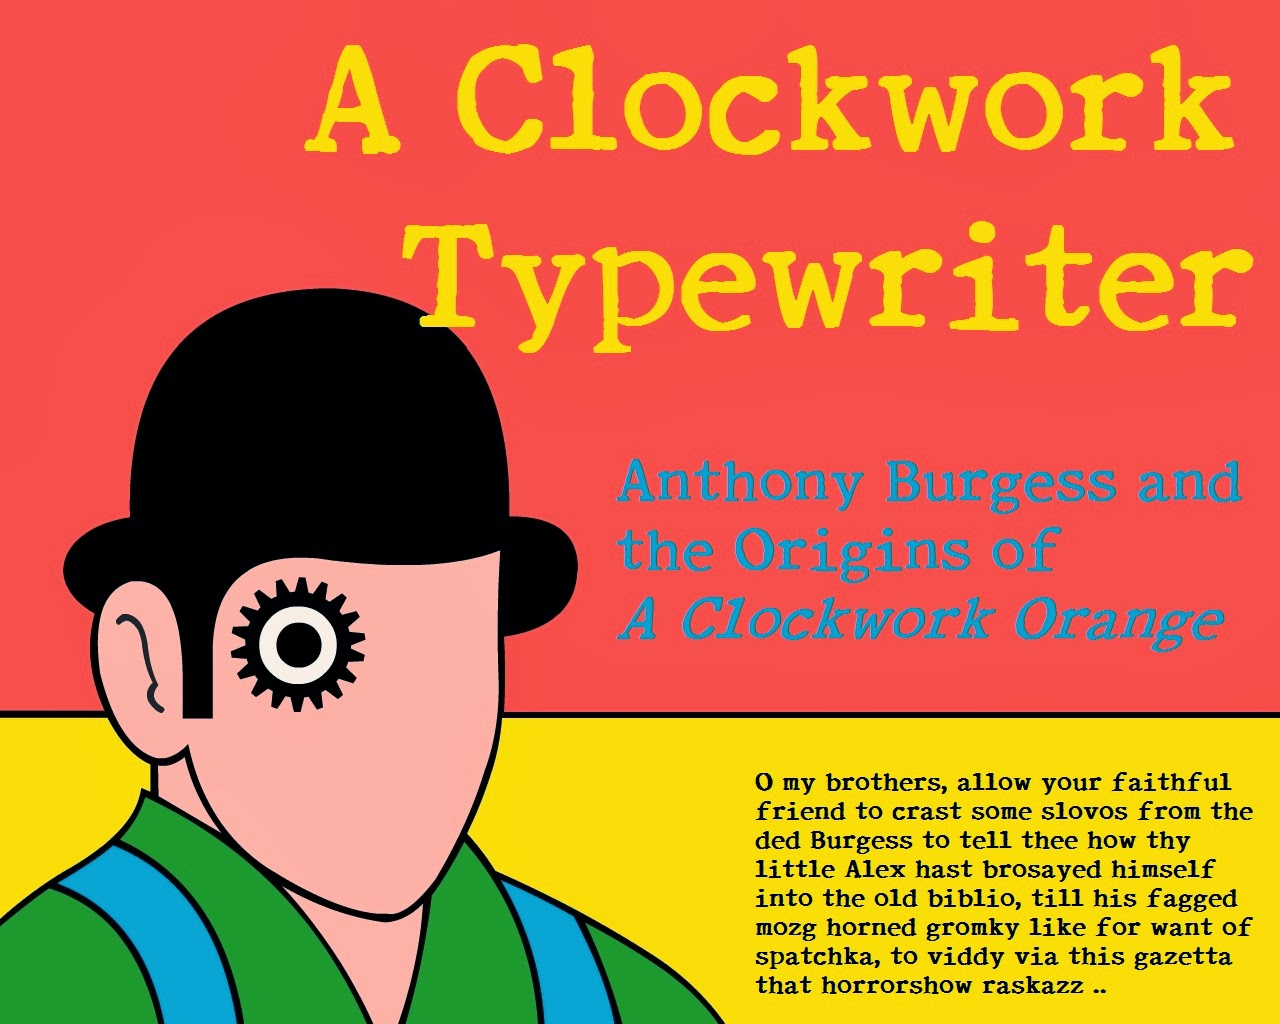 oz typewriter a clockwork typewriter a clockwork typewriter